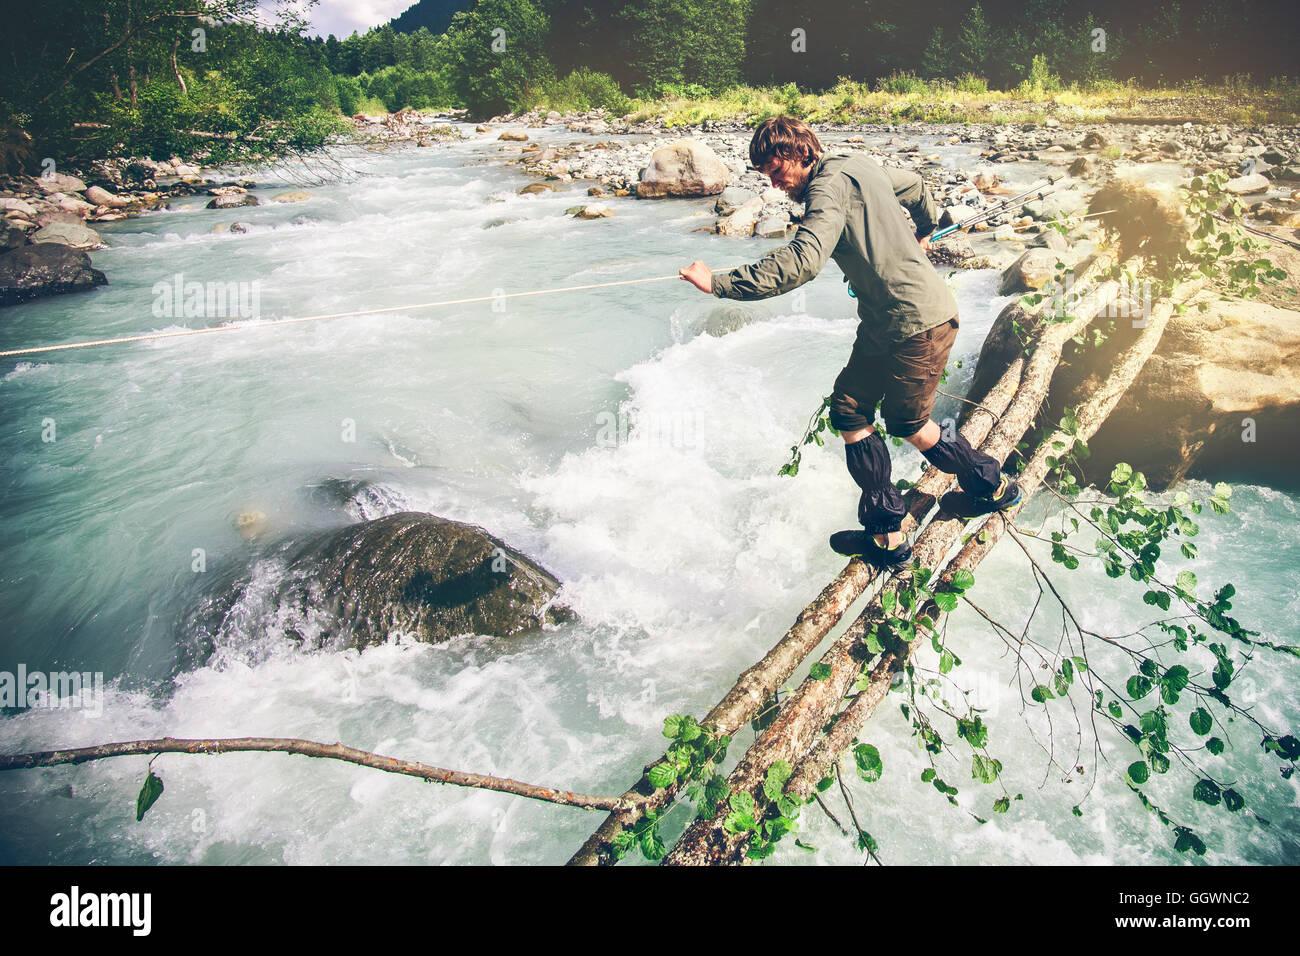 L'uomo Traveler attraversando il fiume su boschi Outdoor Lifestyle Travel extreme concetto di sopravvivenza Immagini Stock